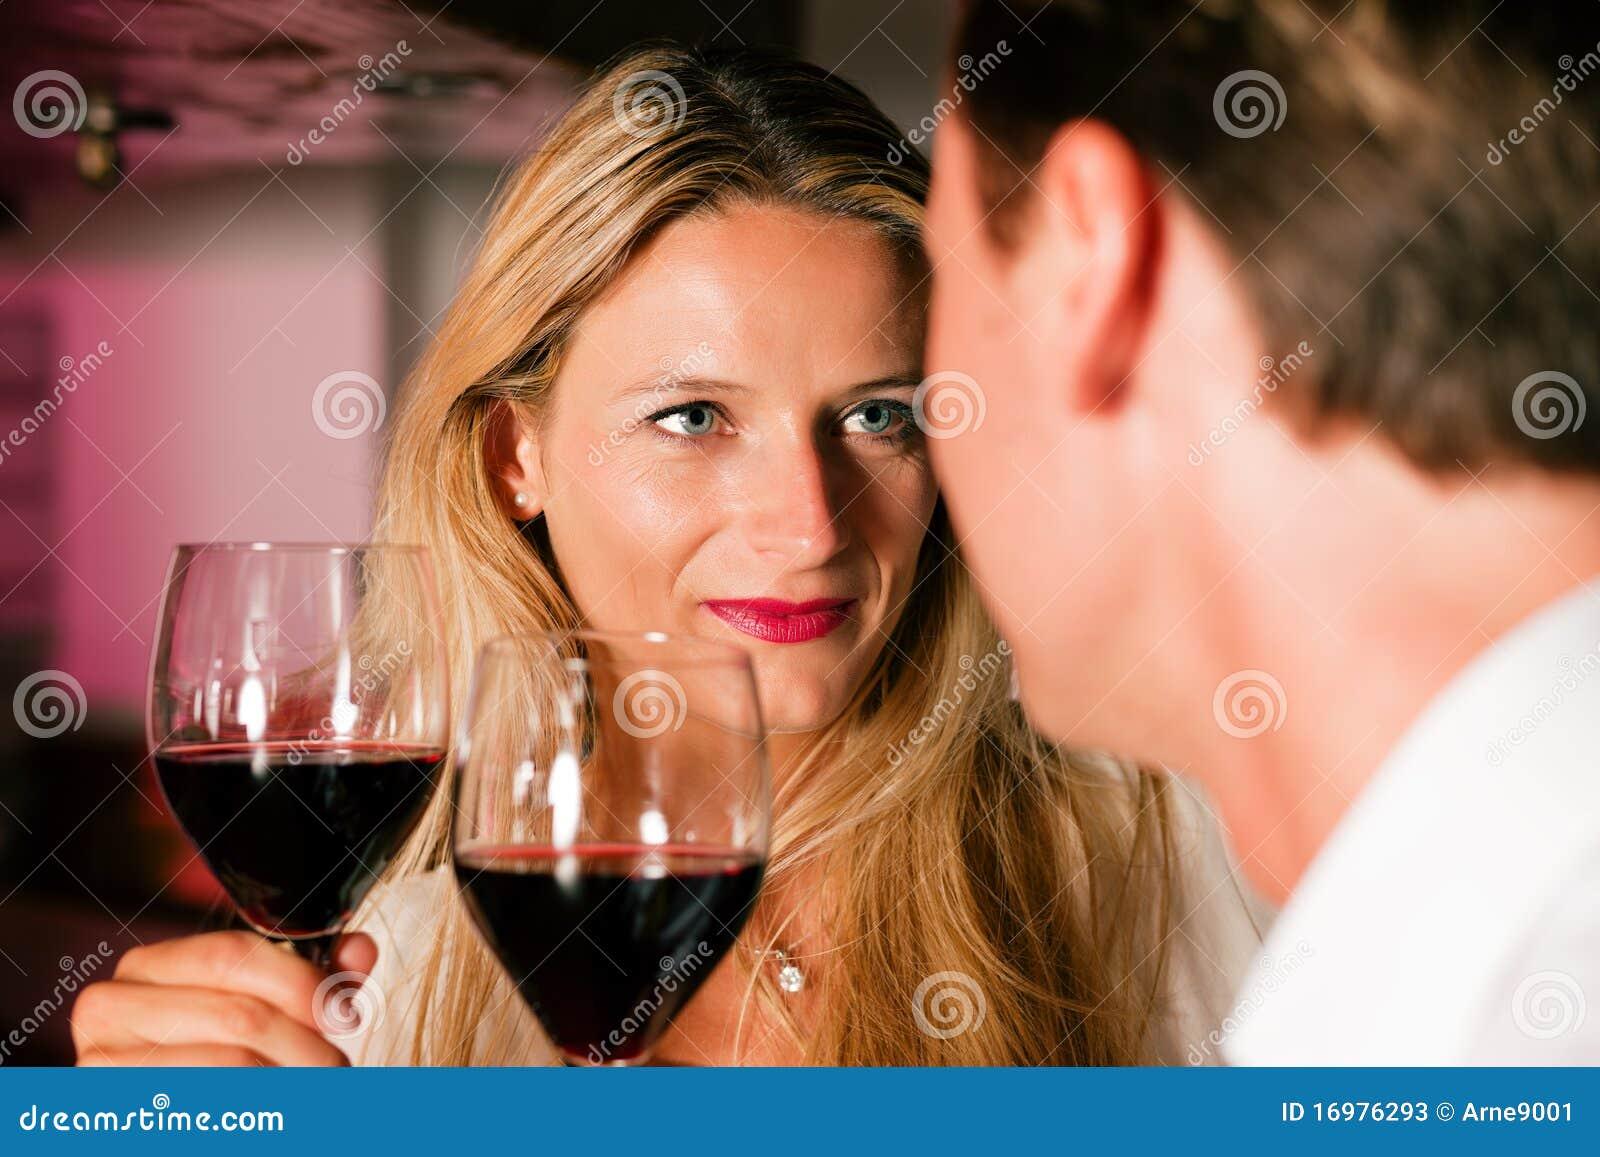 Тайные встречи с замужней 14 фотография